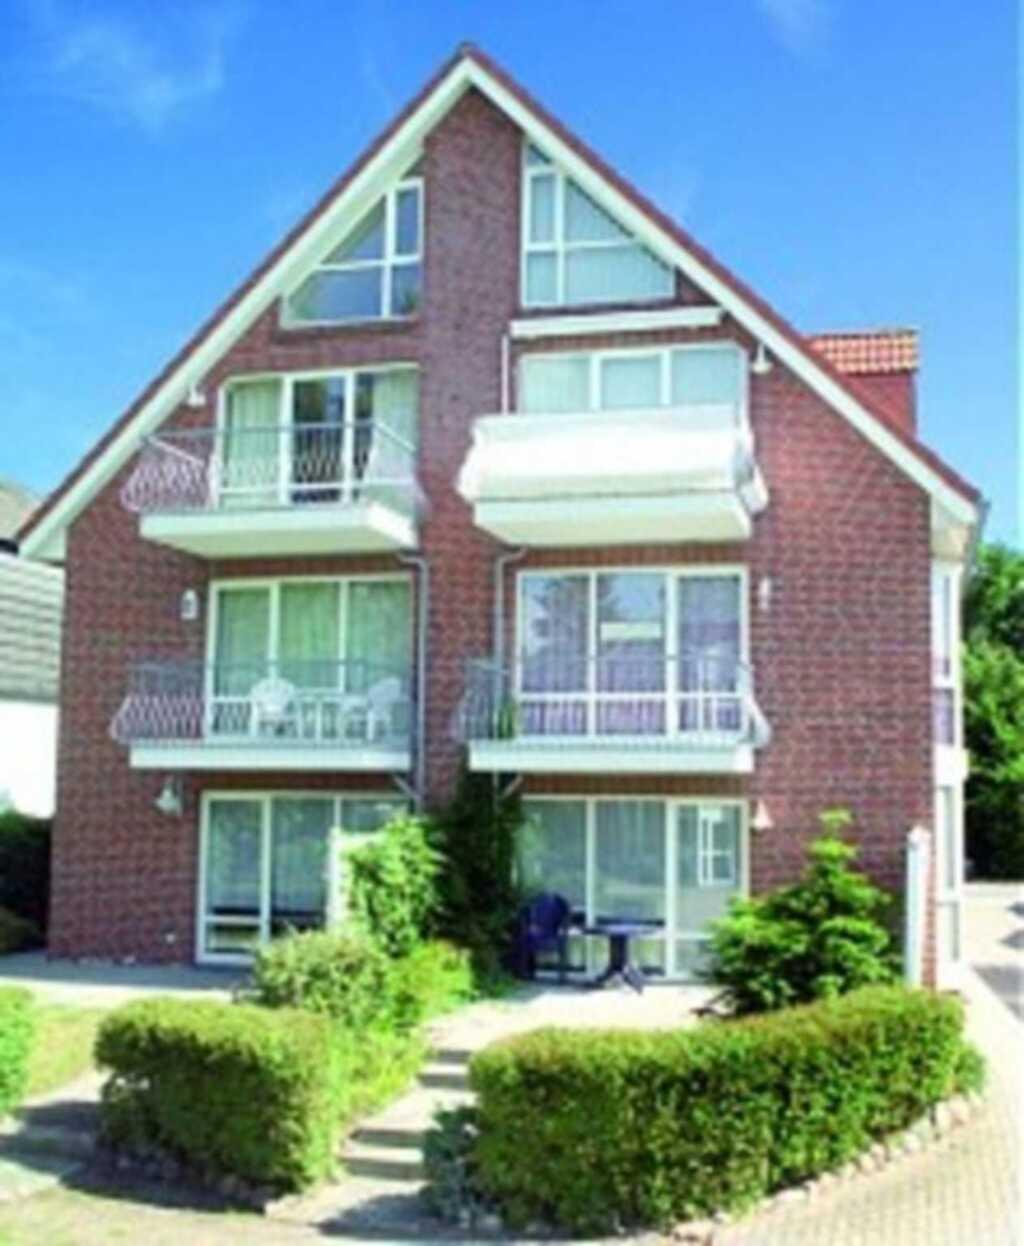 Gorch-Fock-Straße 16, GOFO06, 2 Zimmerwohnung